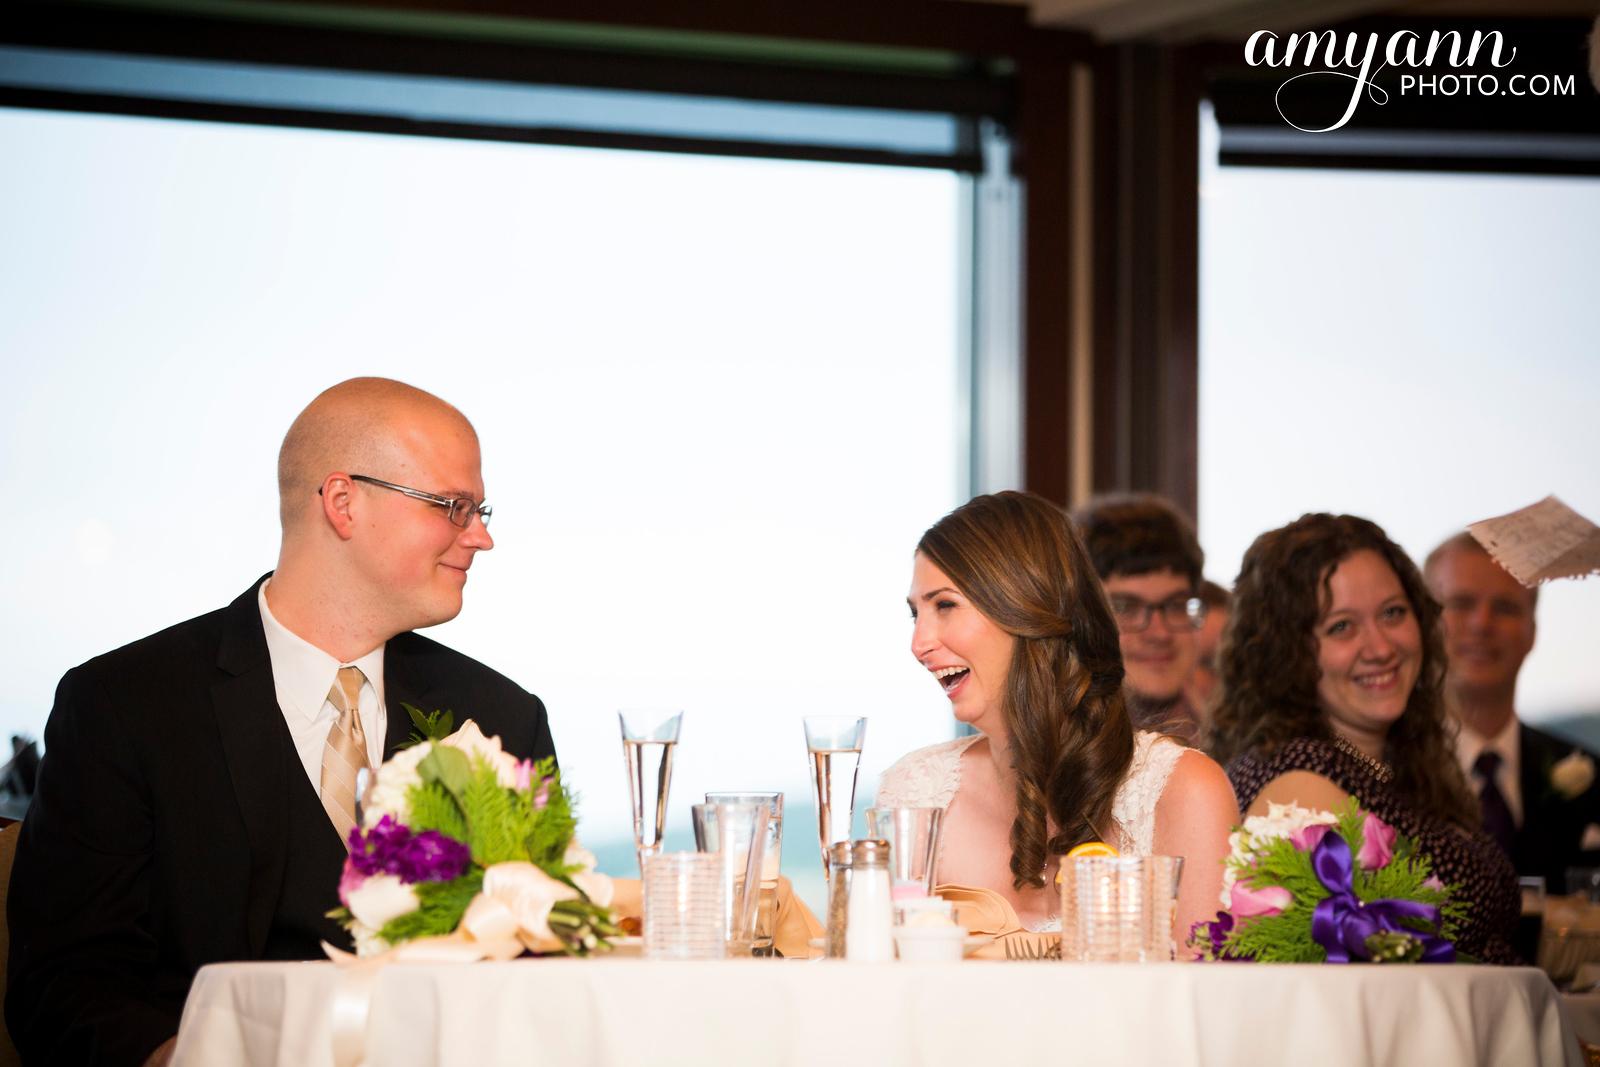 liznick_wedding53